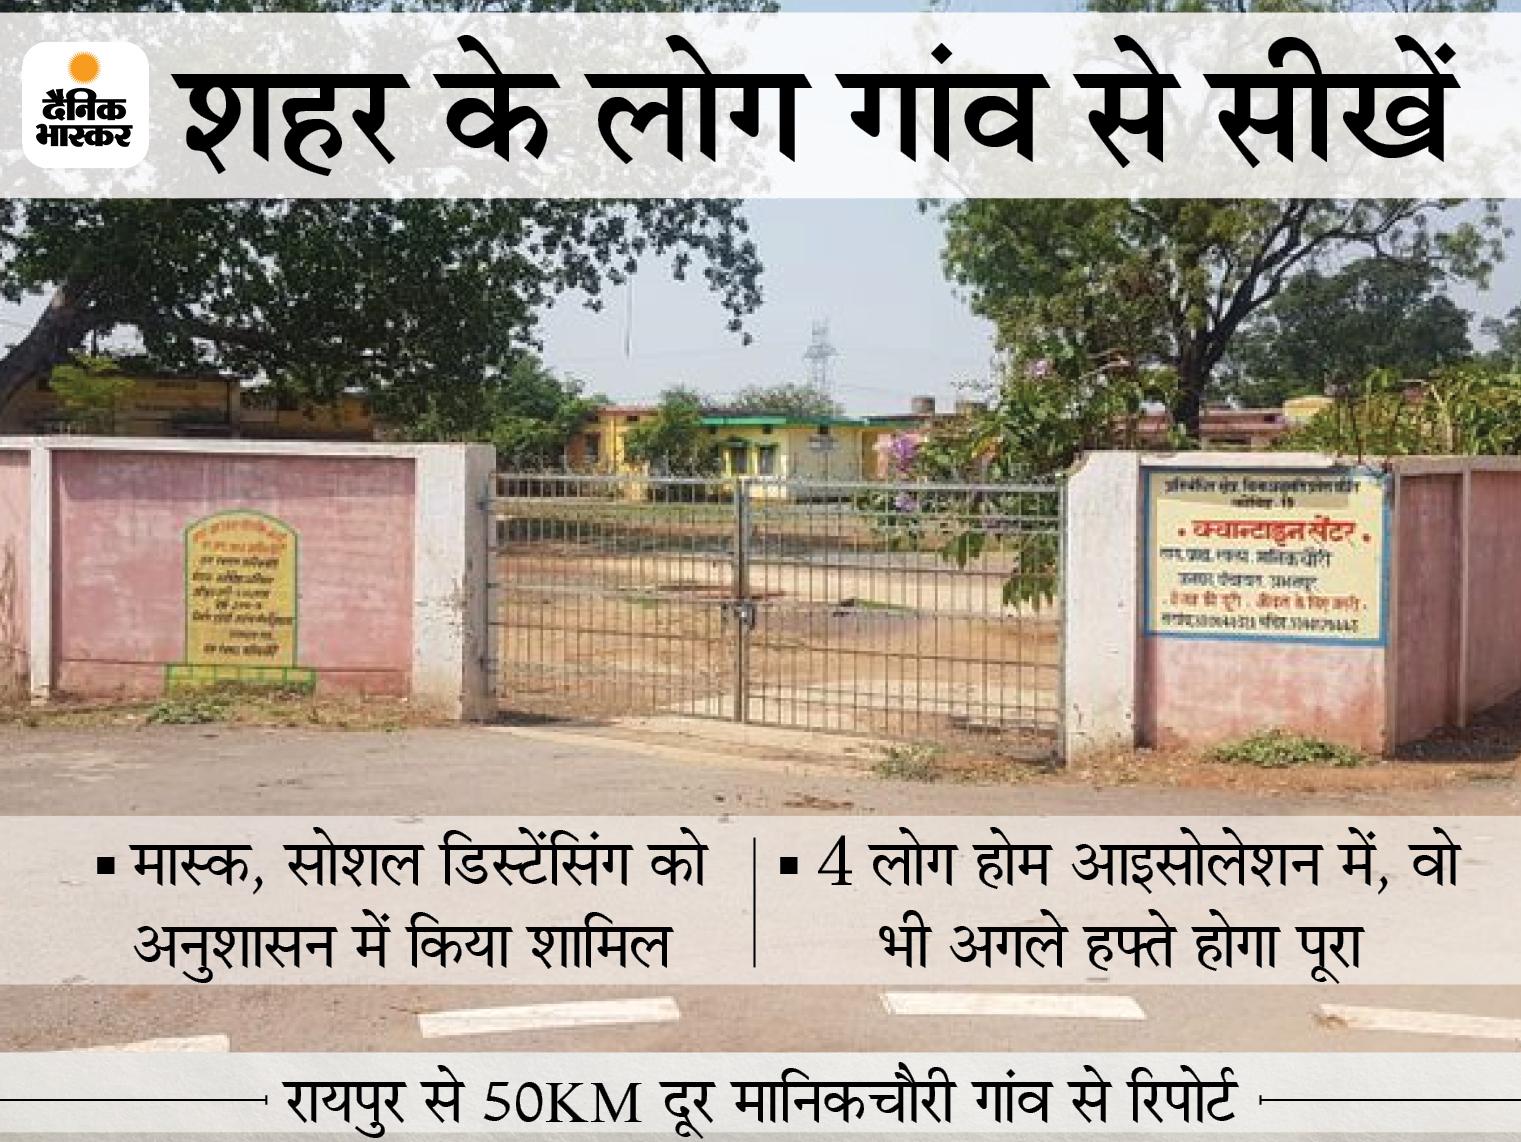 दूसरी लहर से पहले ही बना लिया था क्वारैंटाइन सेंटर, हालात इतने काबू में कि आज तक ताला ही नहीं खुला; 2000 की आबादी में मात्र 1% लोग संक्रमित रायपुर,Raipur - Dainik Bhaskar